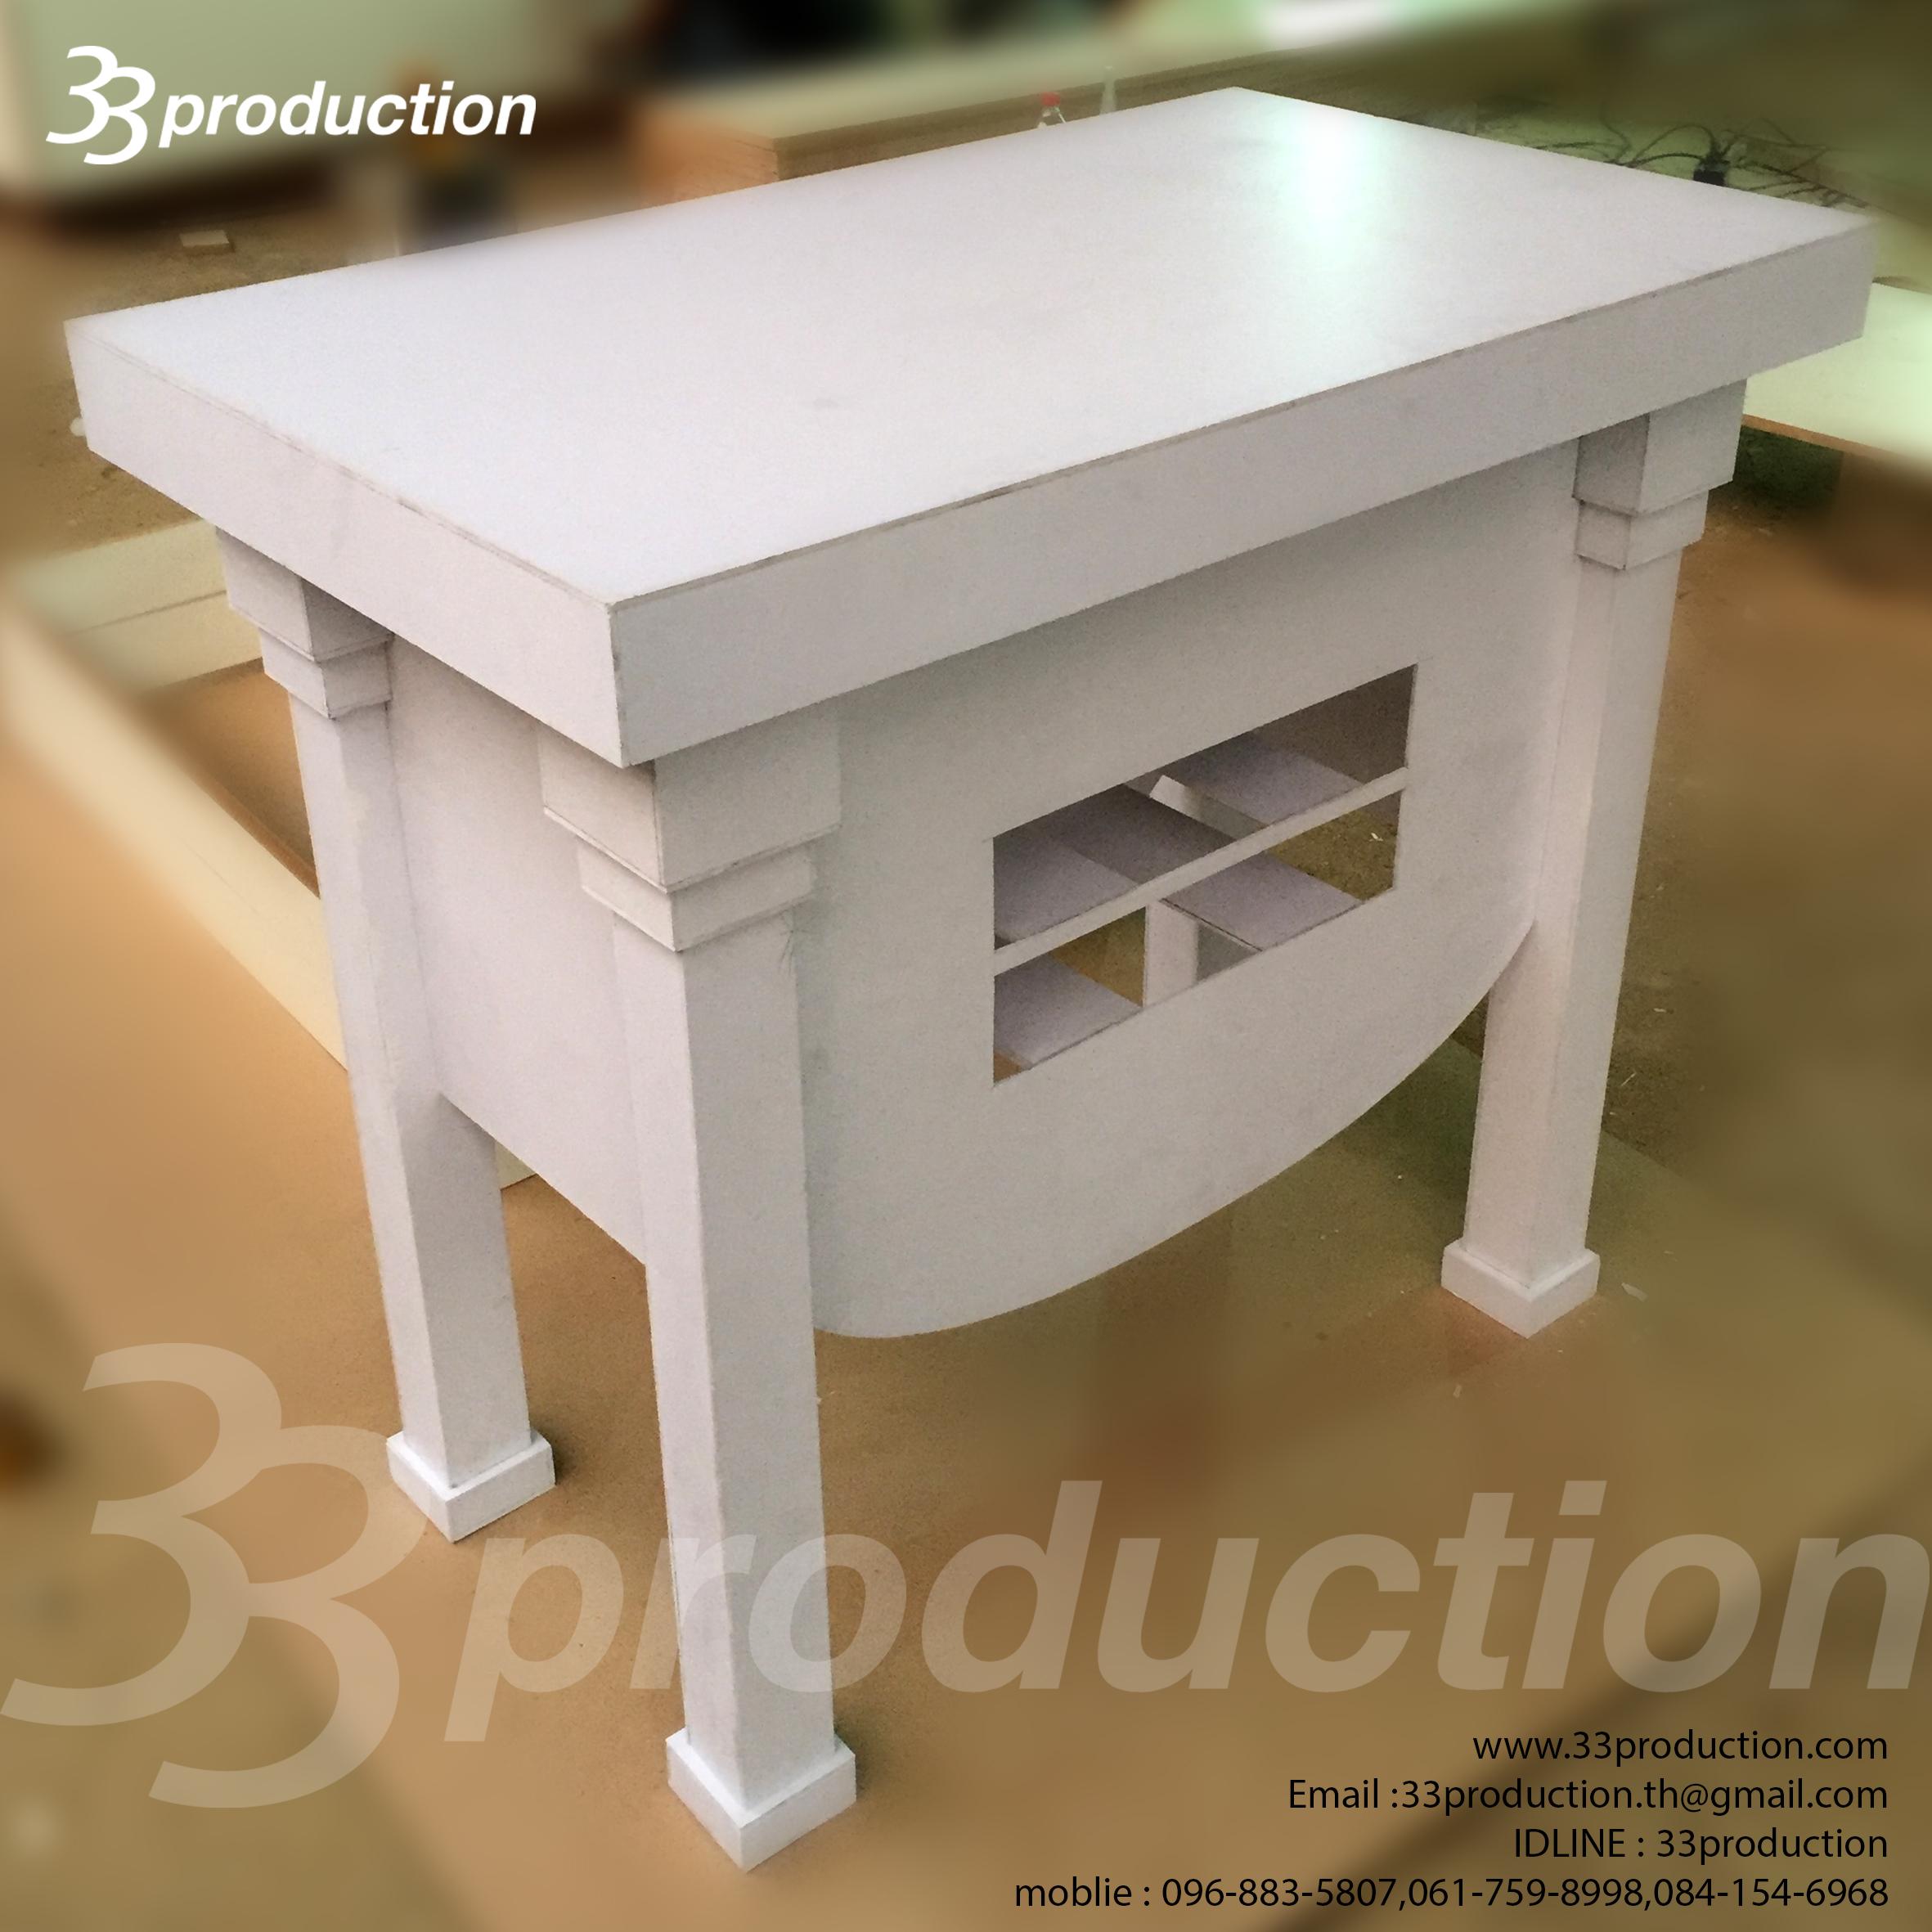 รับทำตู้โชว์ เคาร์เตอร์ ไม้ งานเฟอร์นิเจอร์ ลอยตัว ตู้กระจก แท่งโชว์สินค้า FB04-59016